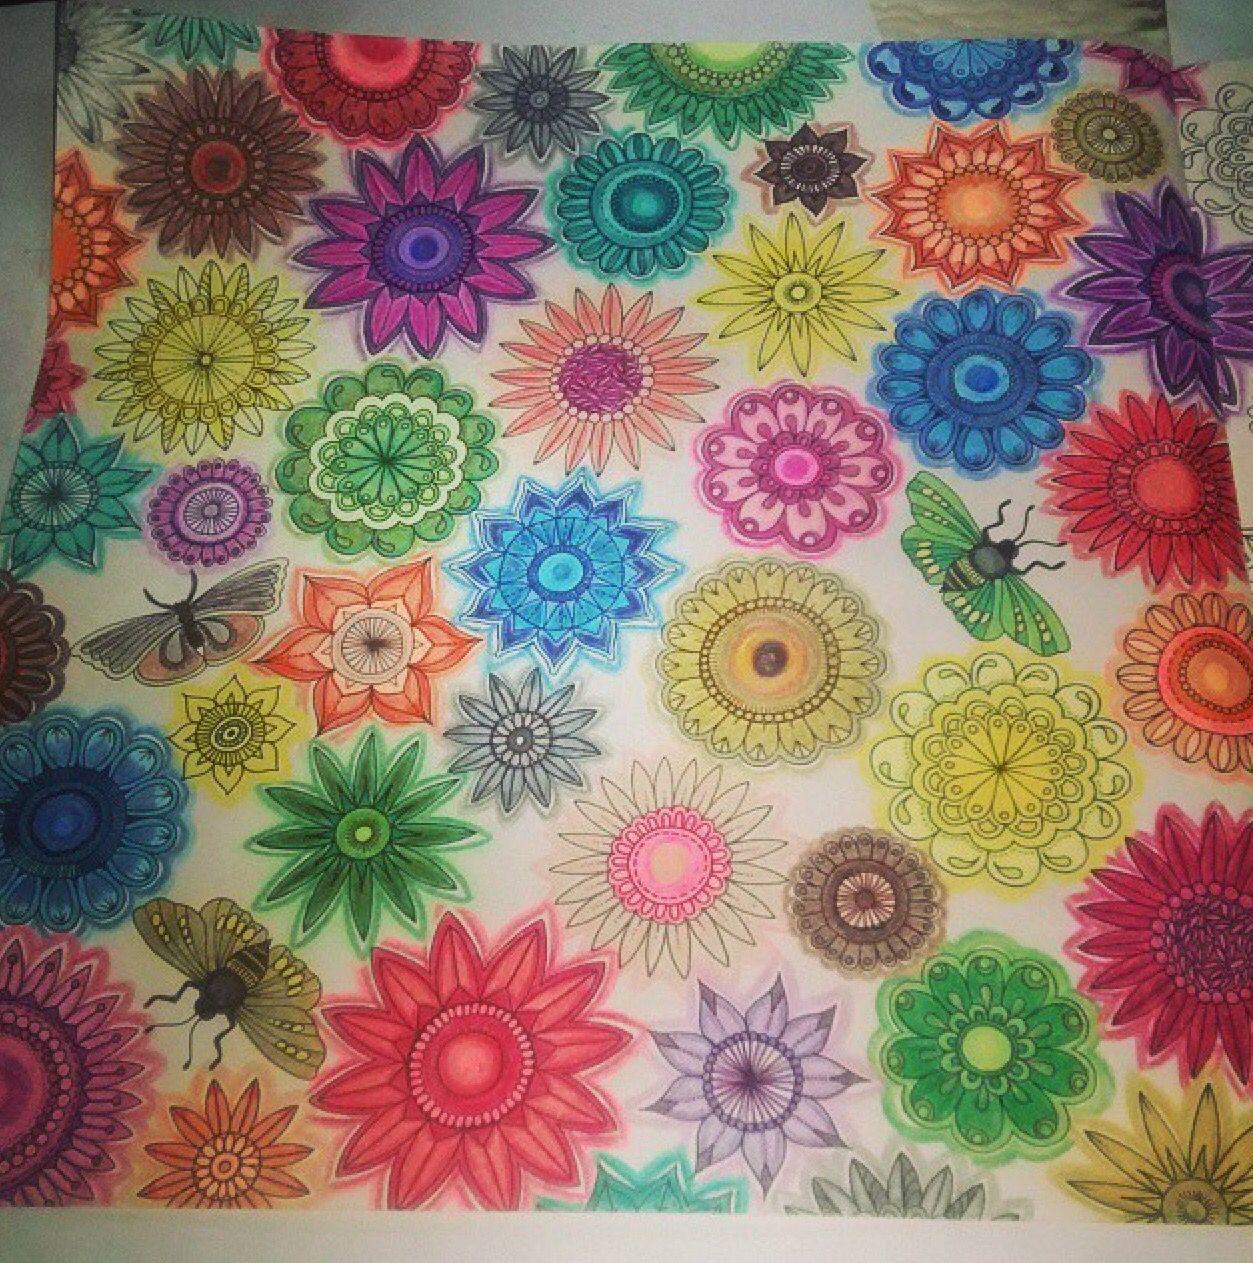 Zendoodle coloring enchanting gardens - Double Page Flowers And Butterflies Secret Garden Folia Dupla Flores E Borboletas Jardim